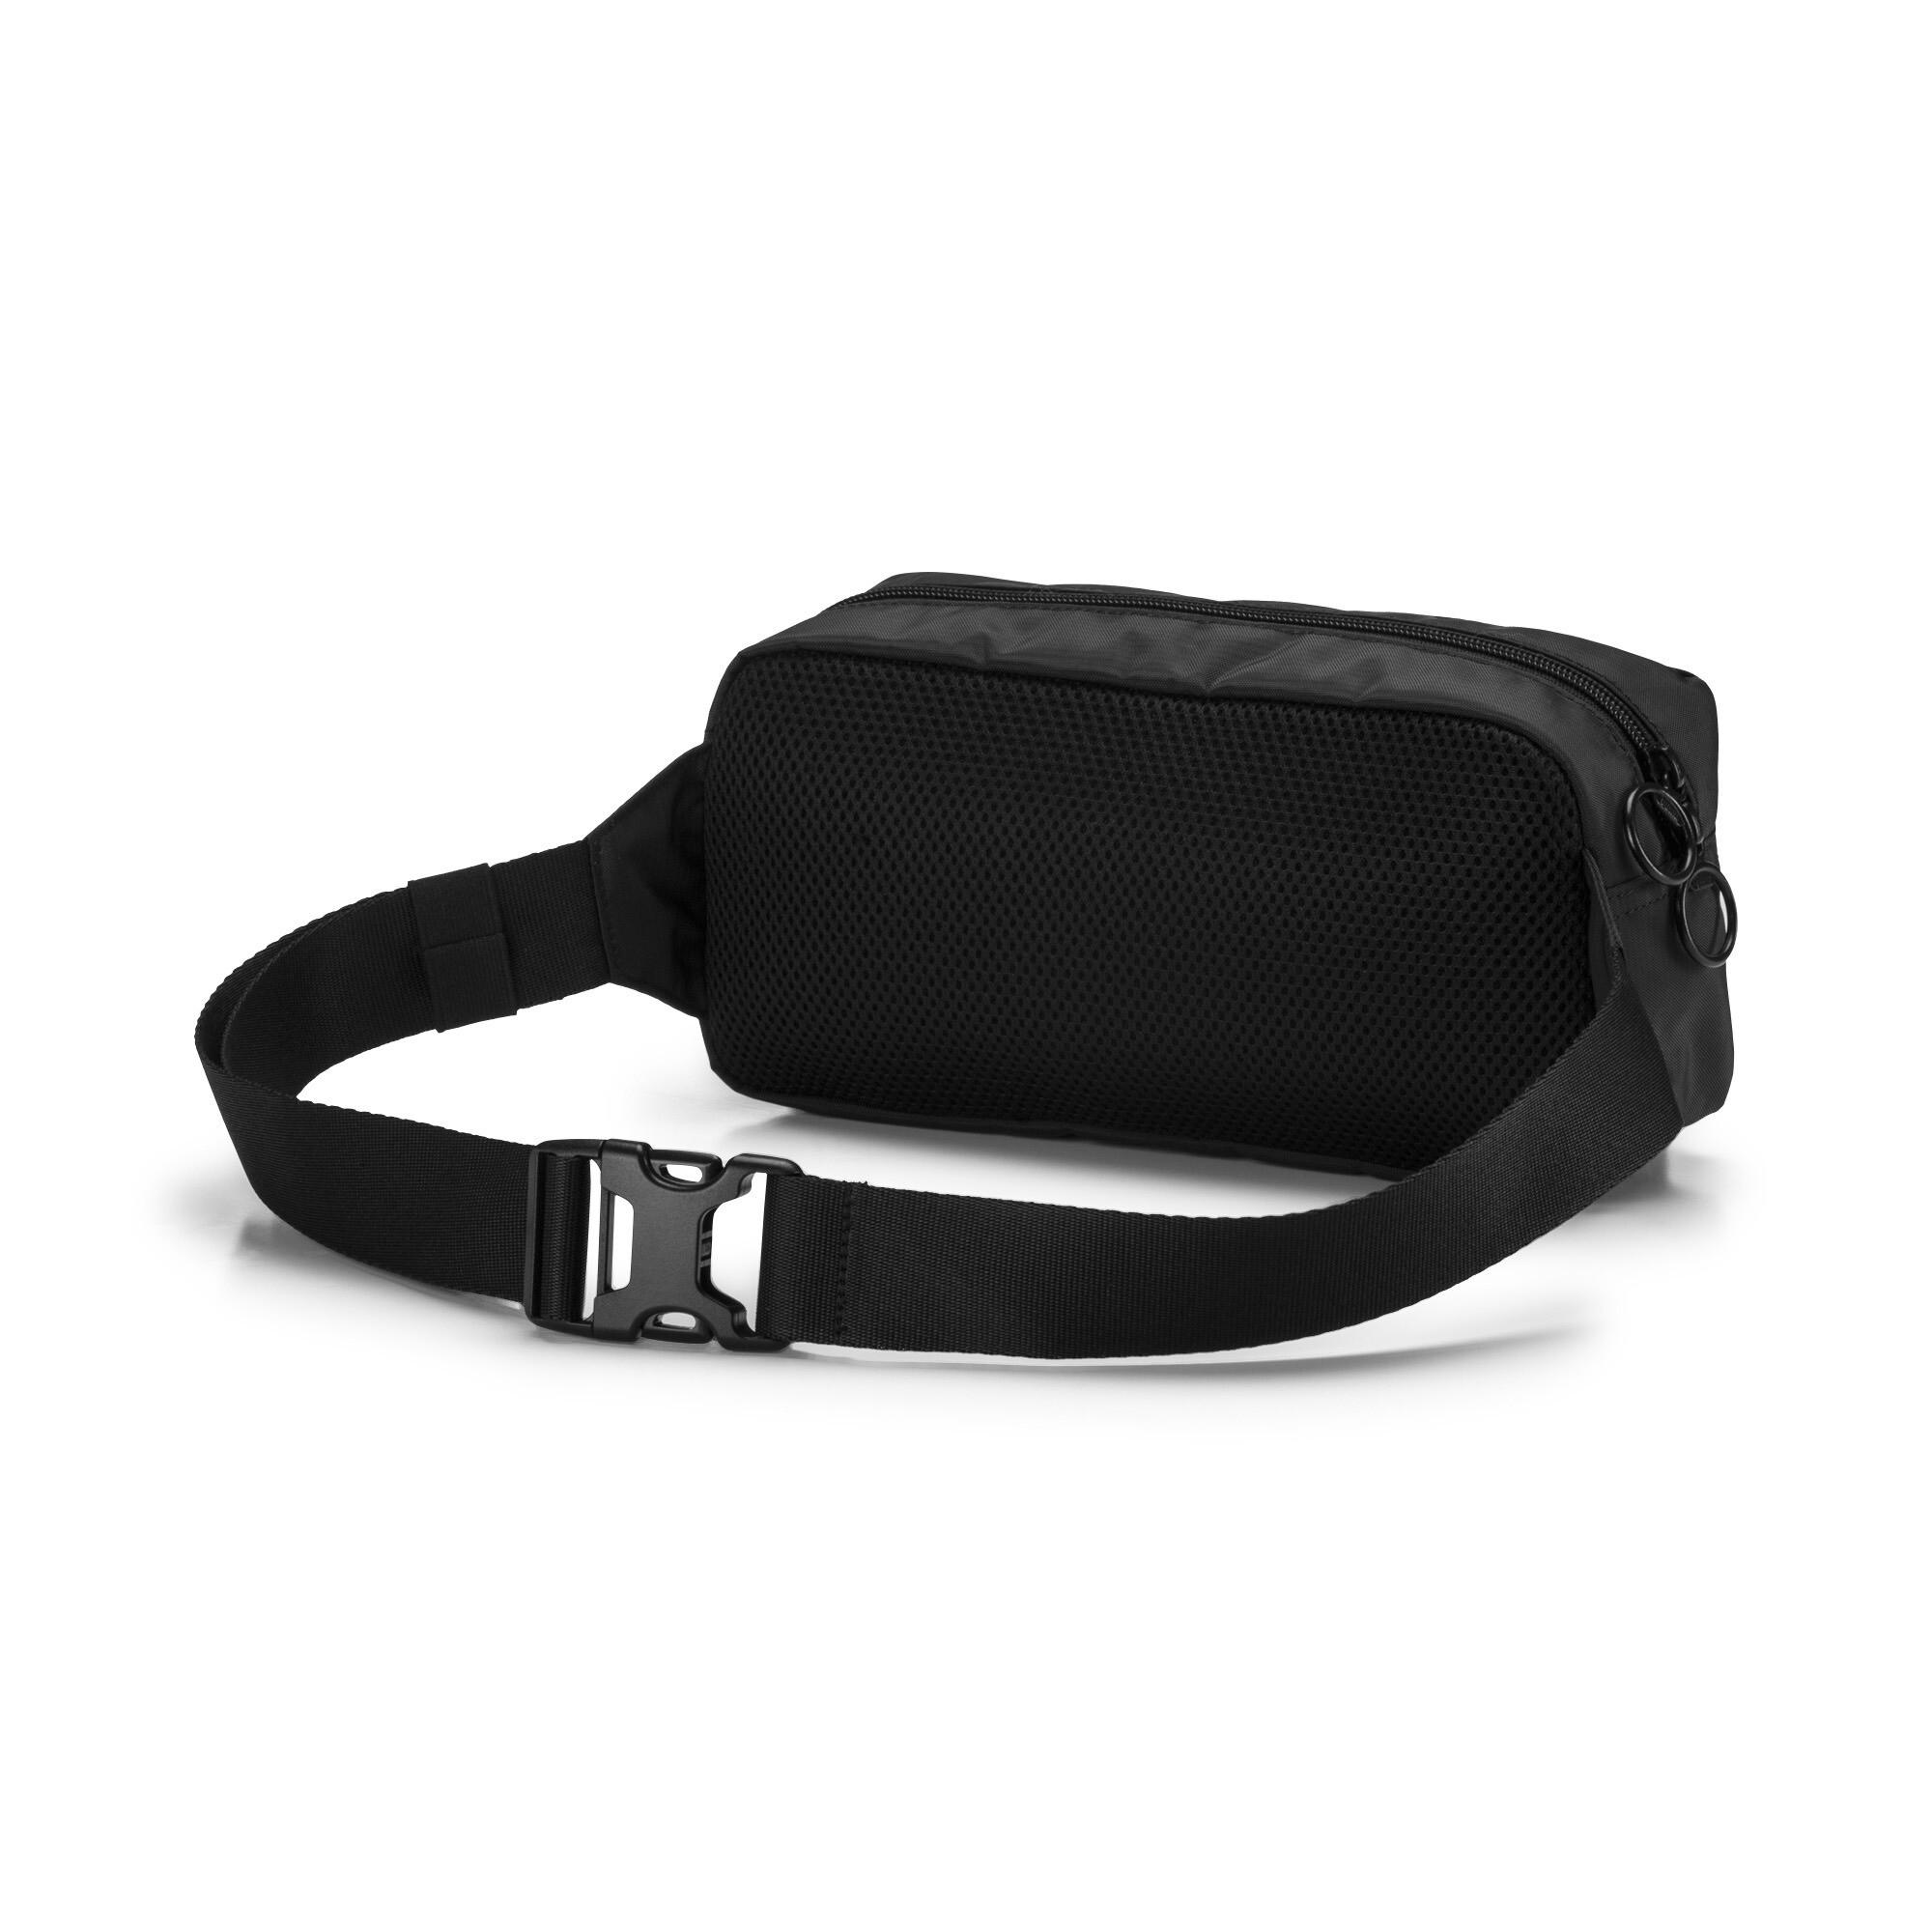 ad24e0693 Originals Waist Bag | 10 - Black | Puma